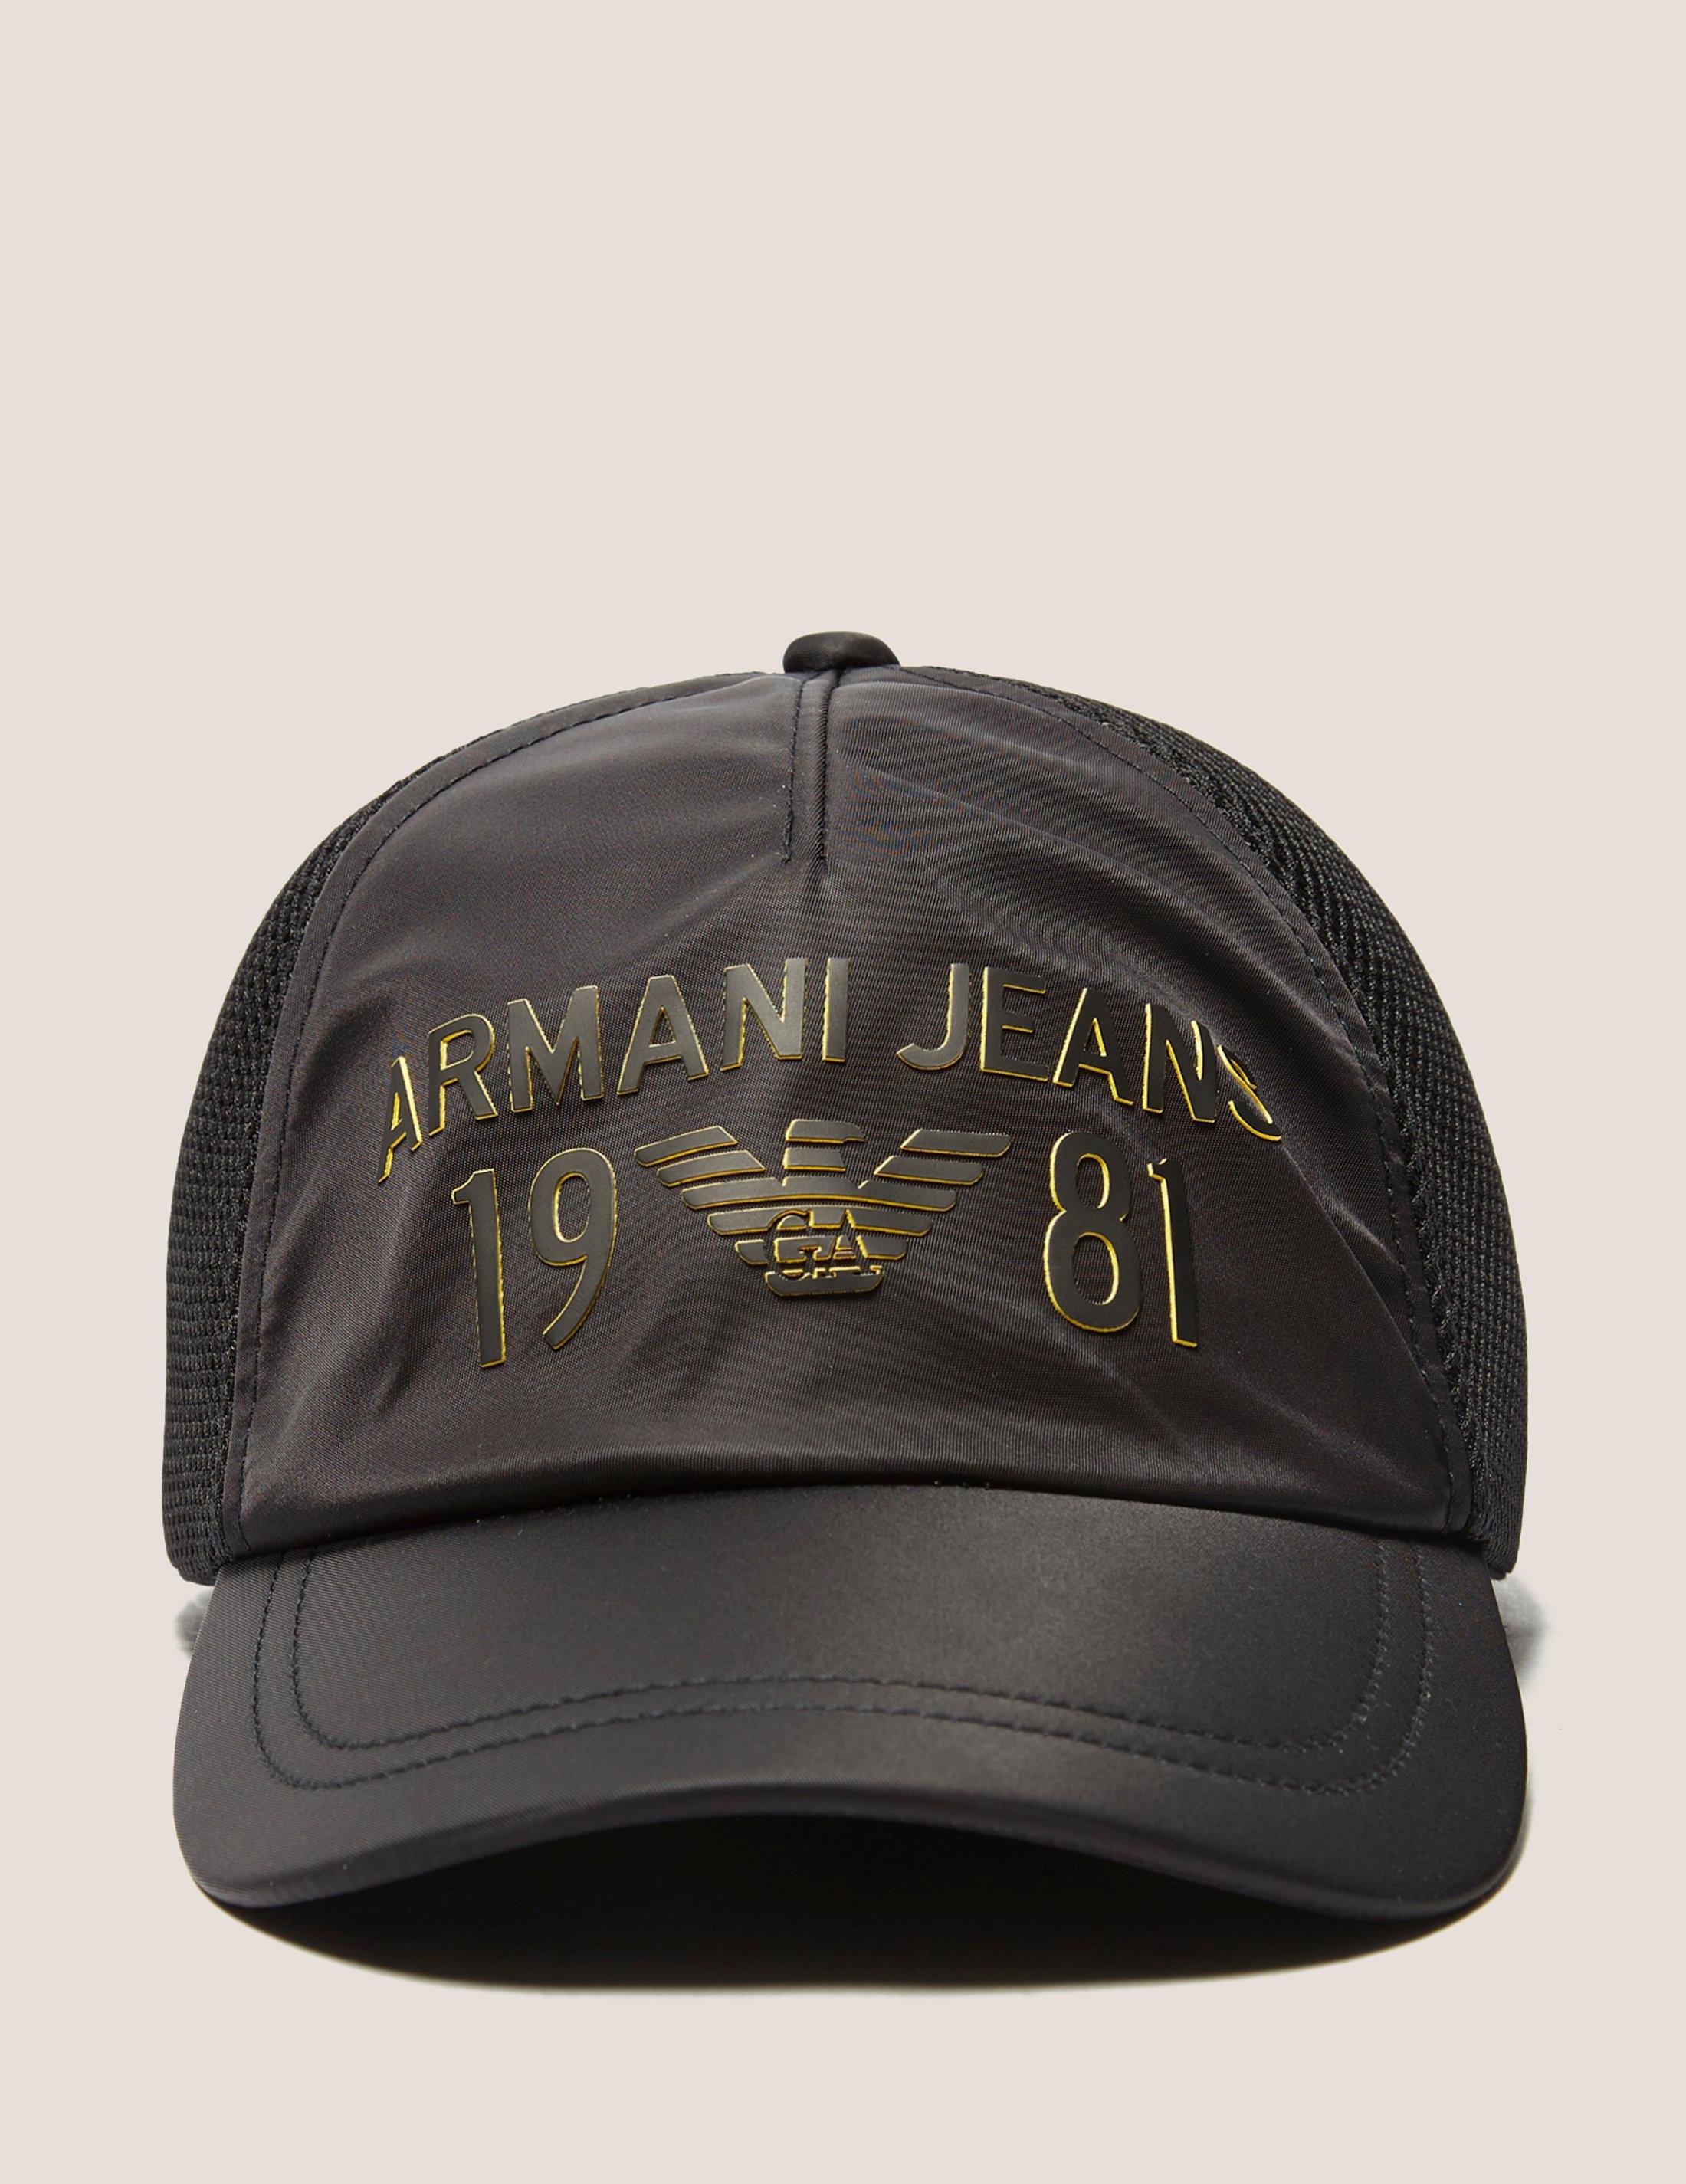 7726c9b20664e Armani Jeans Mens Large Logo Baseball Cap Black in Black for Men - Lyst